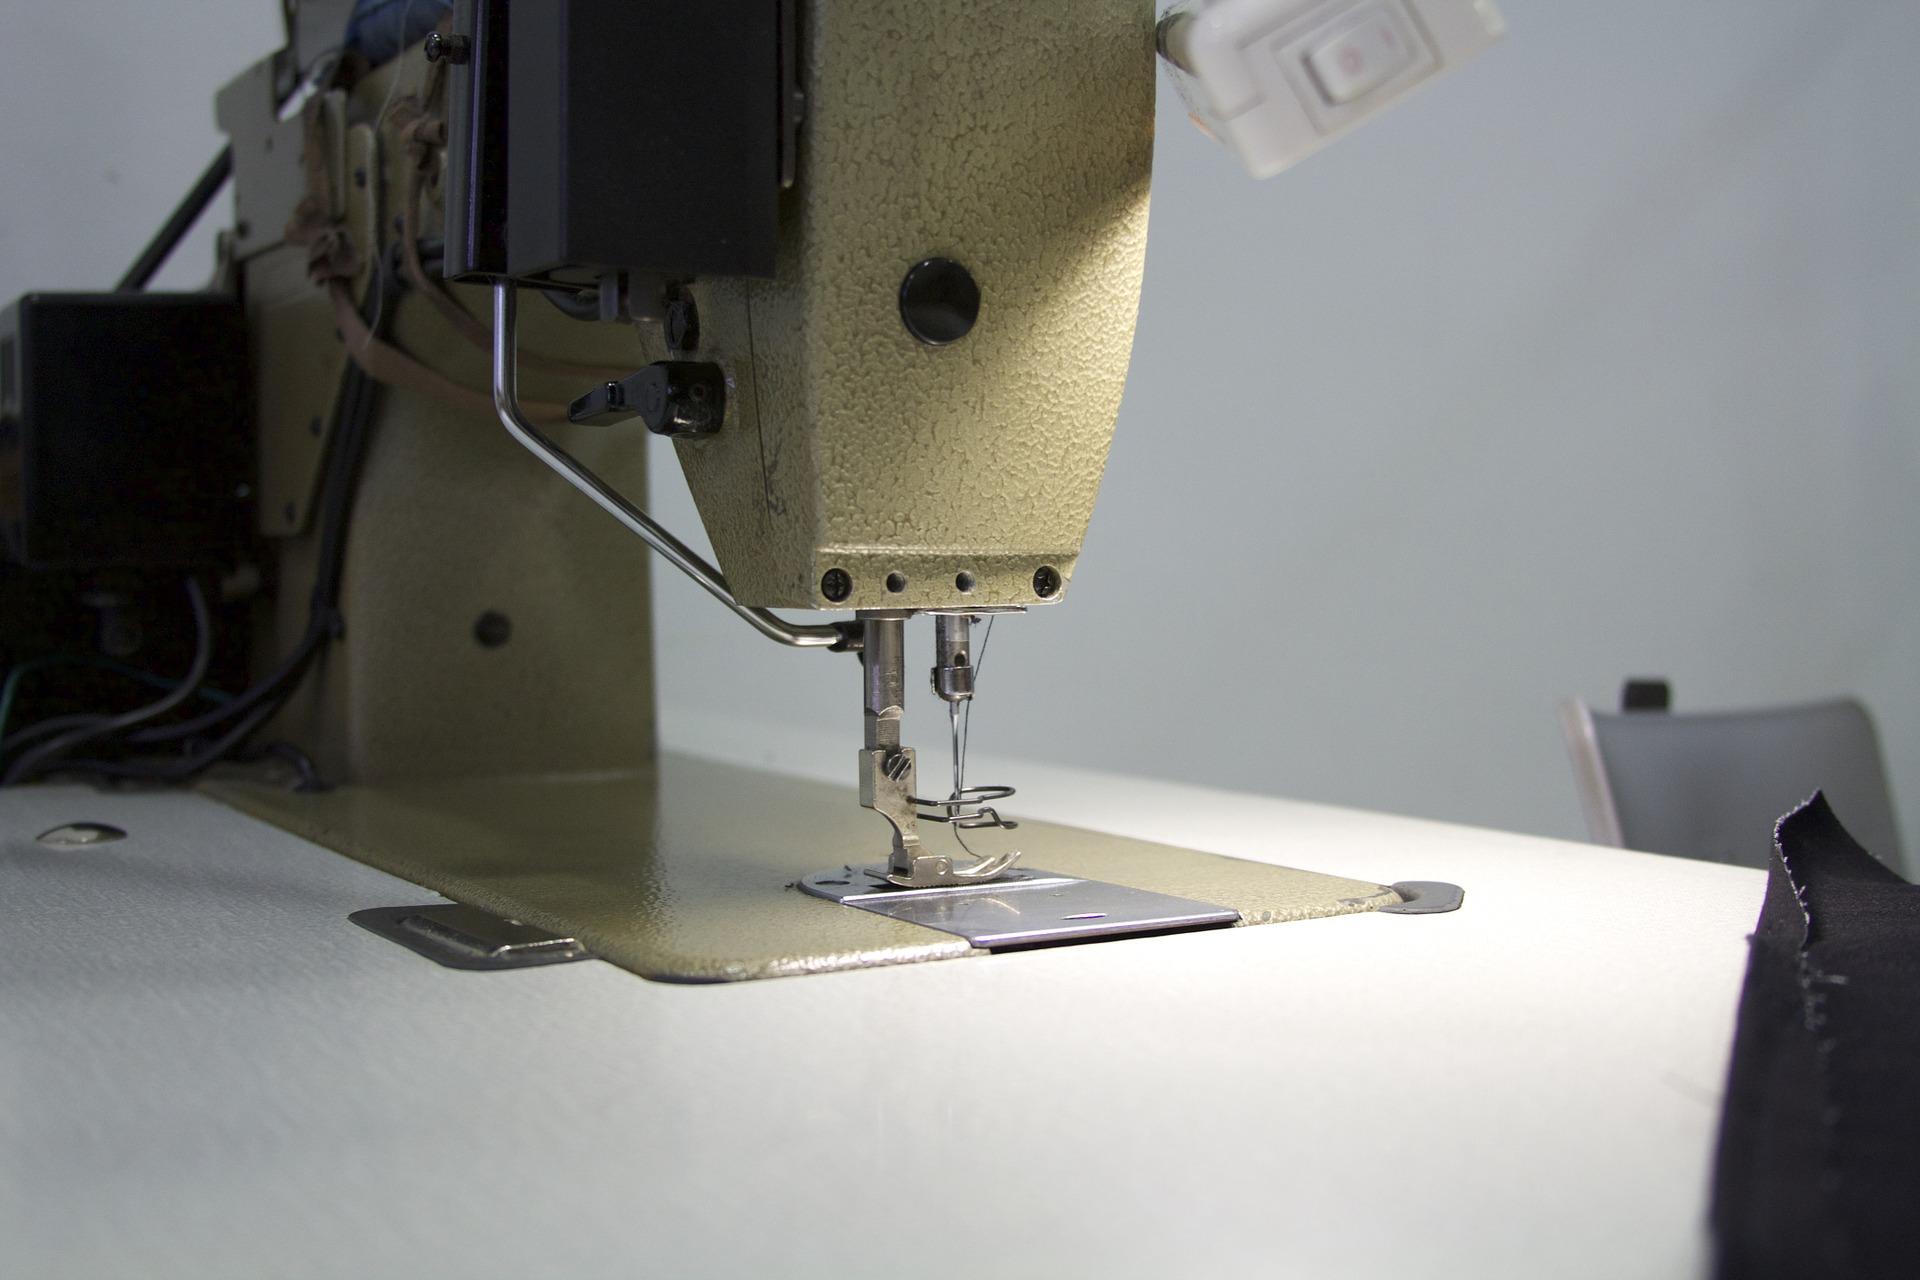 Mesa para máquina de costura: Como escolher a melhor em 2020?